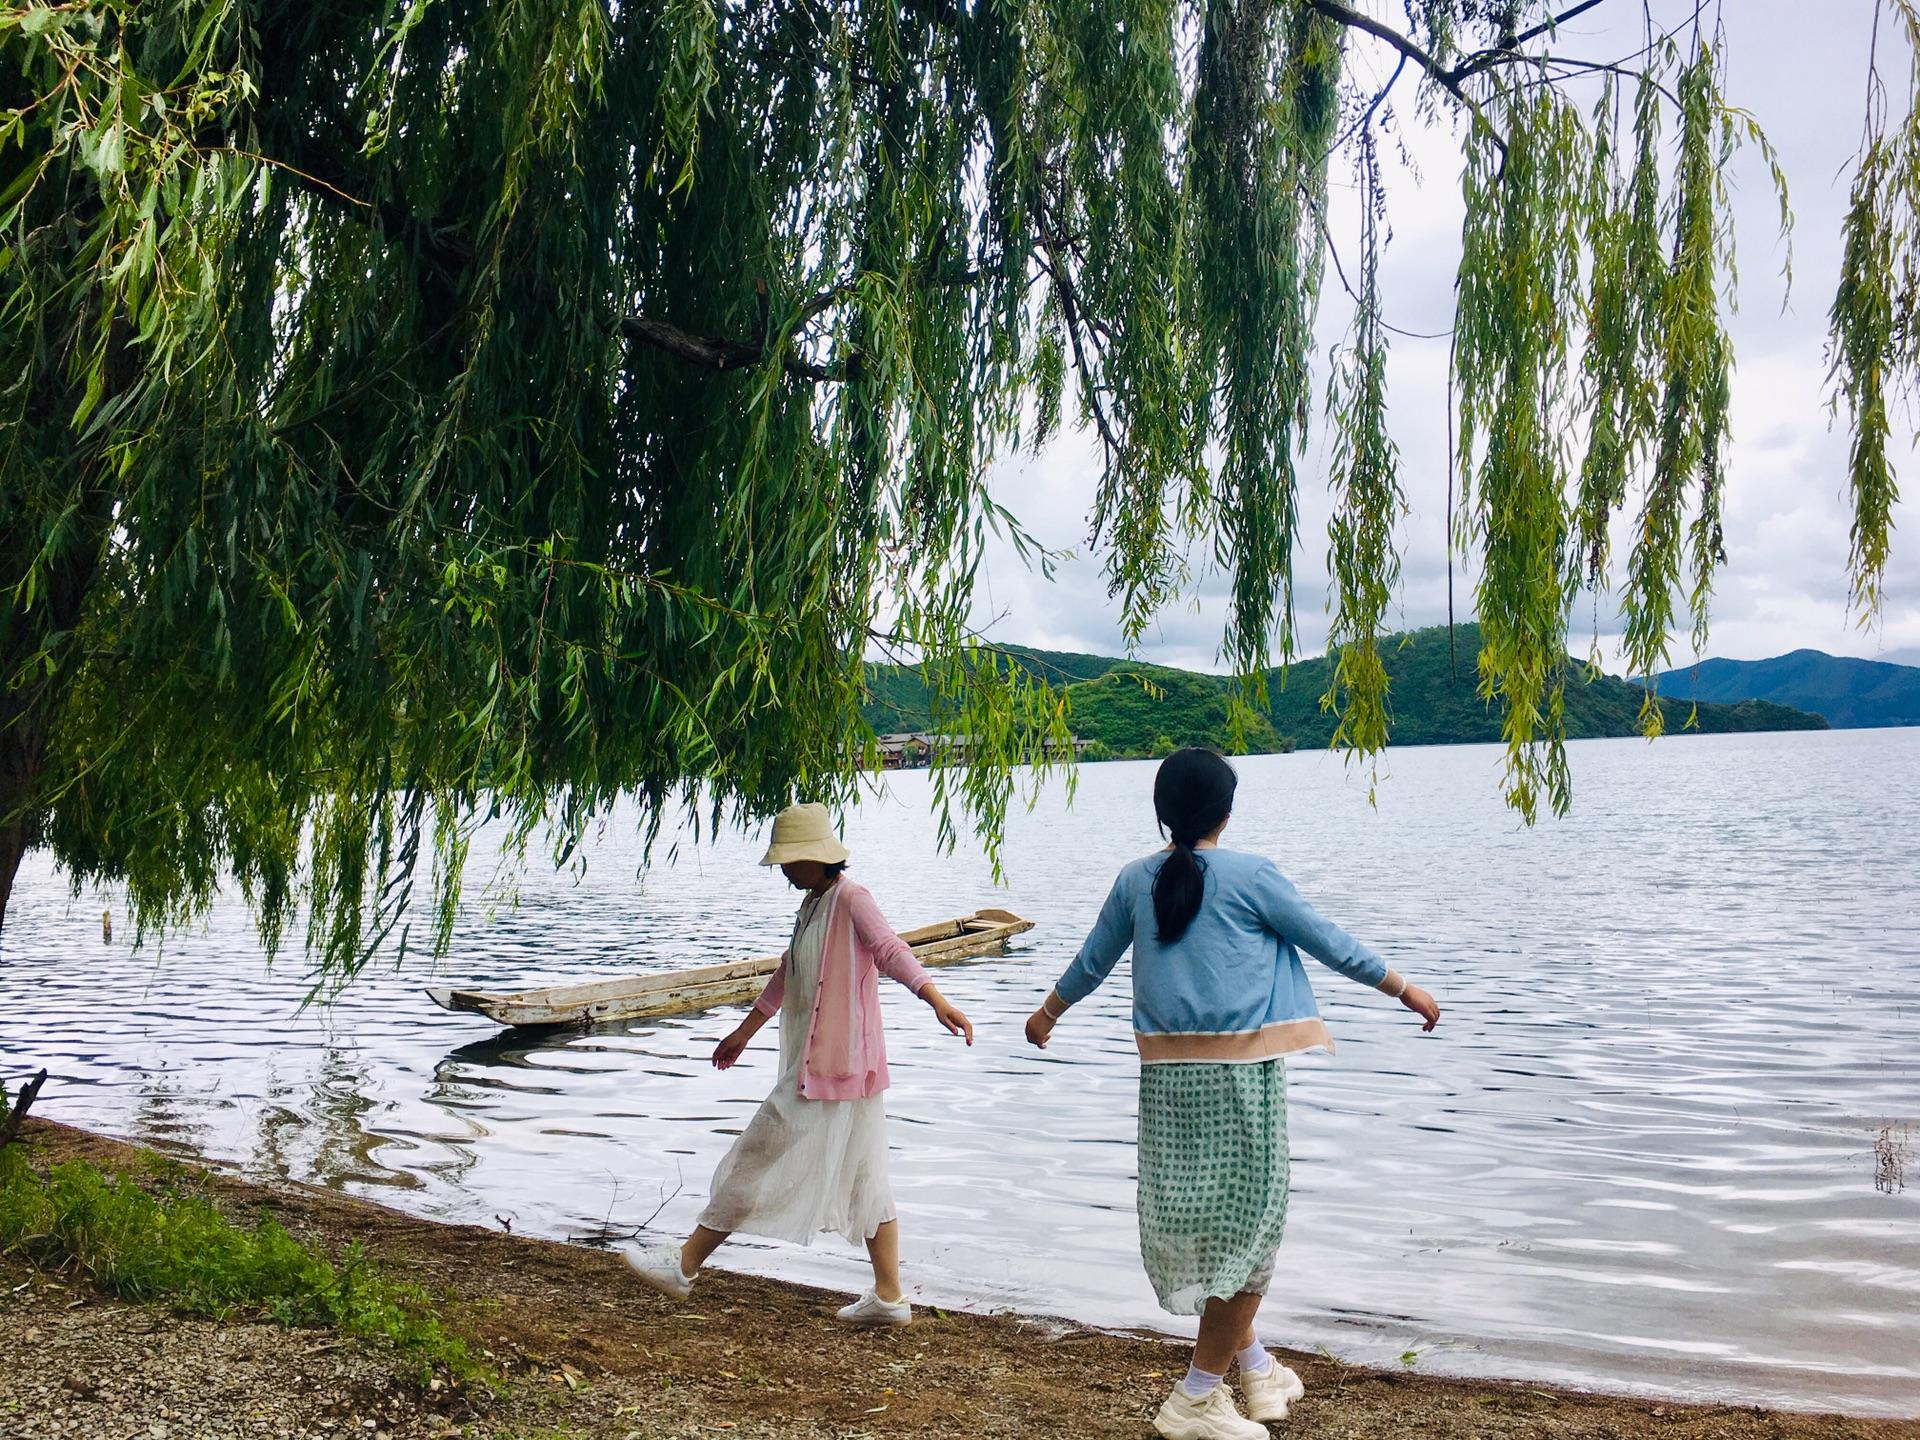 迎着九月的风,去看海、看湖、看心中的日月.....